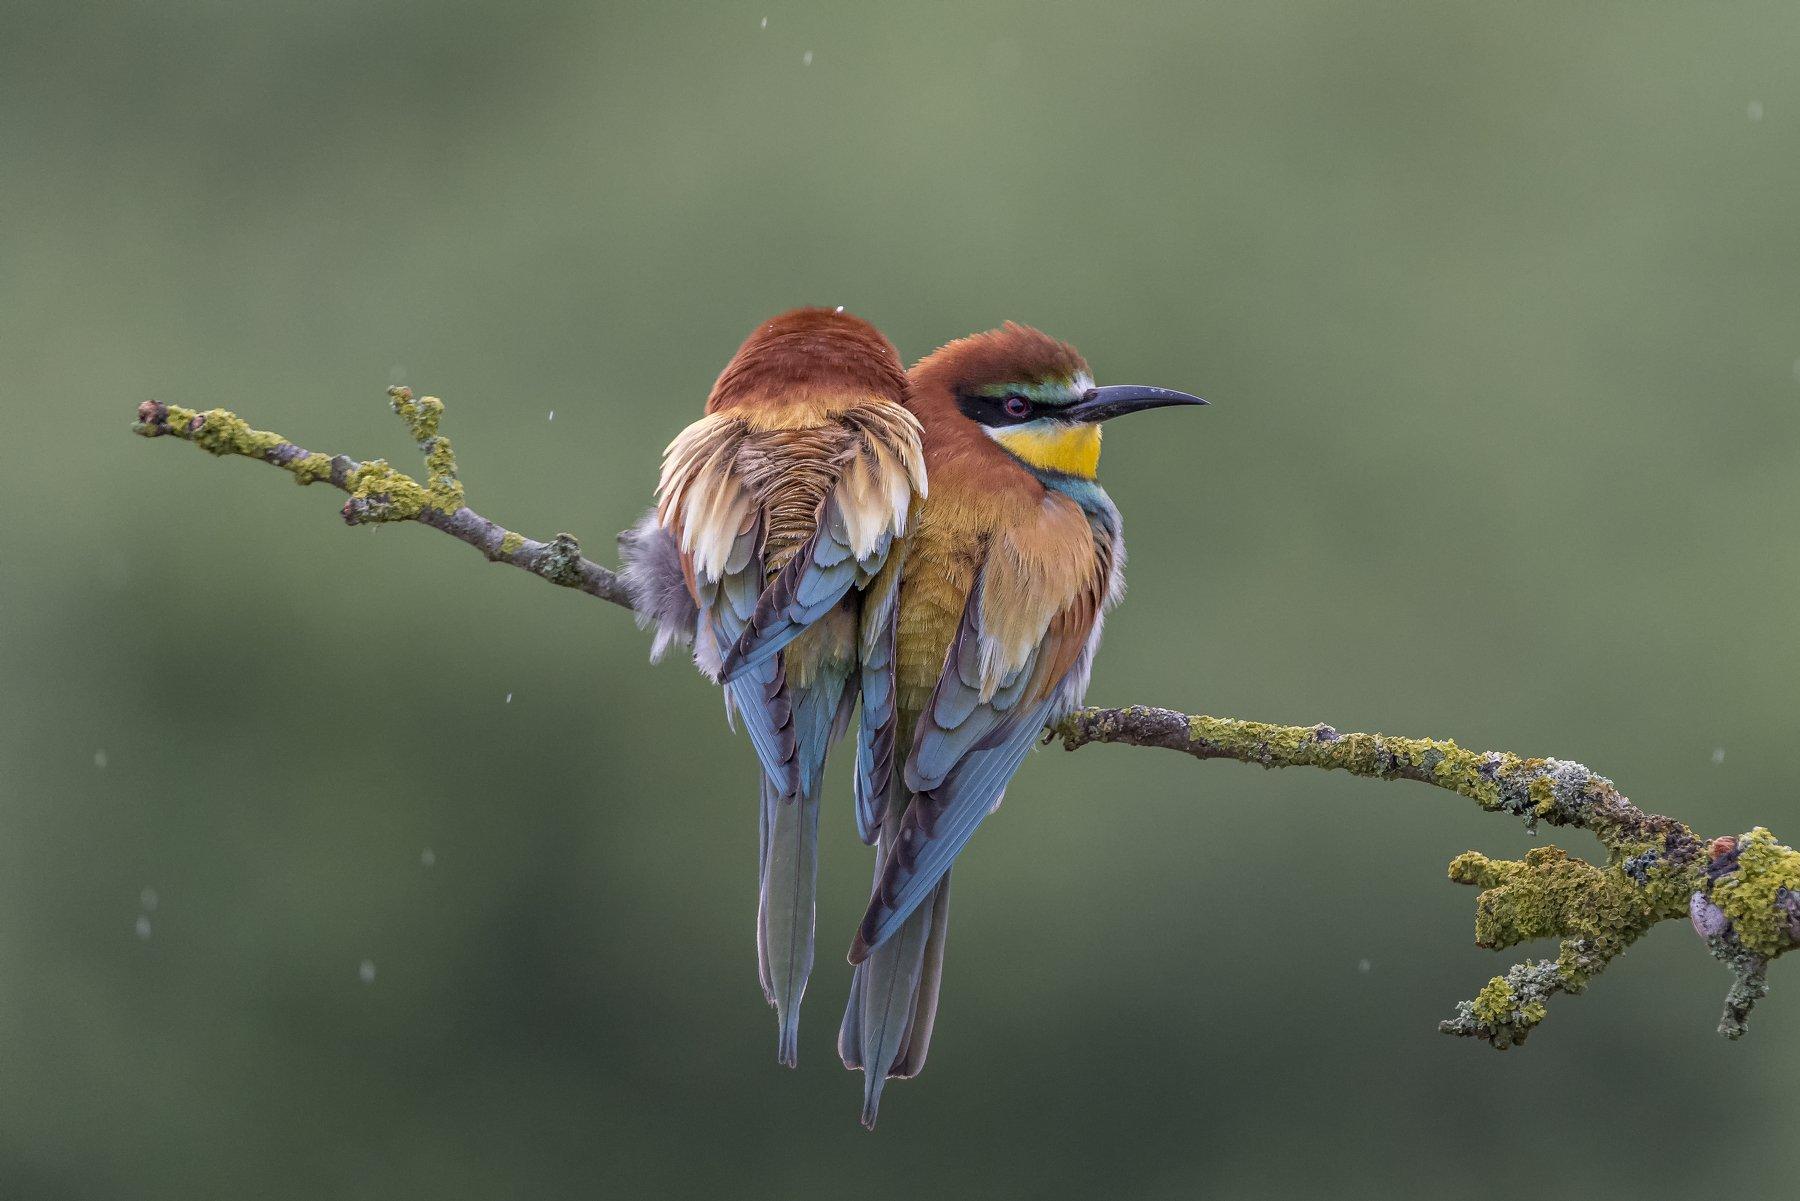 European Bee-eater, Merops apiaster, Birder's Corner, Dominik Chrzanowski